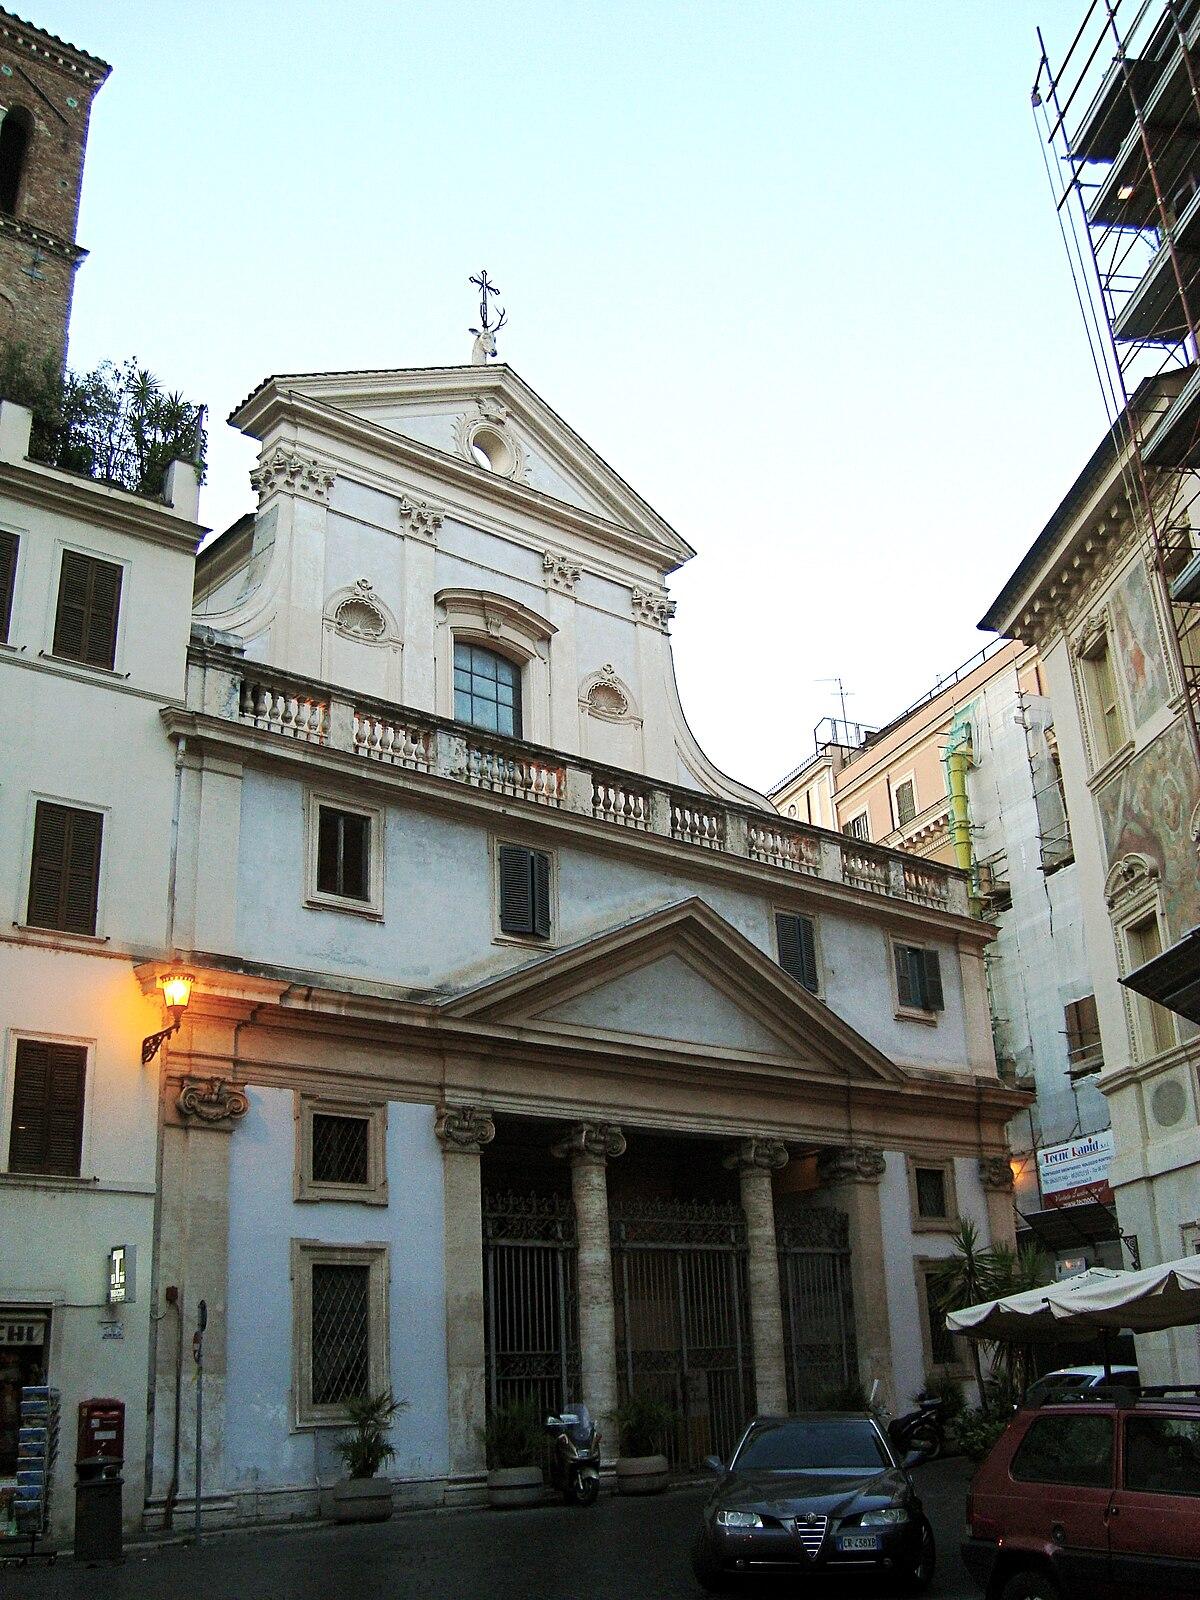 Sant Eustachio Wikipedia